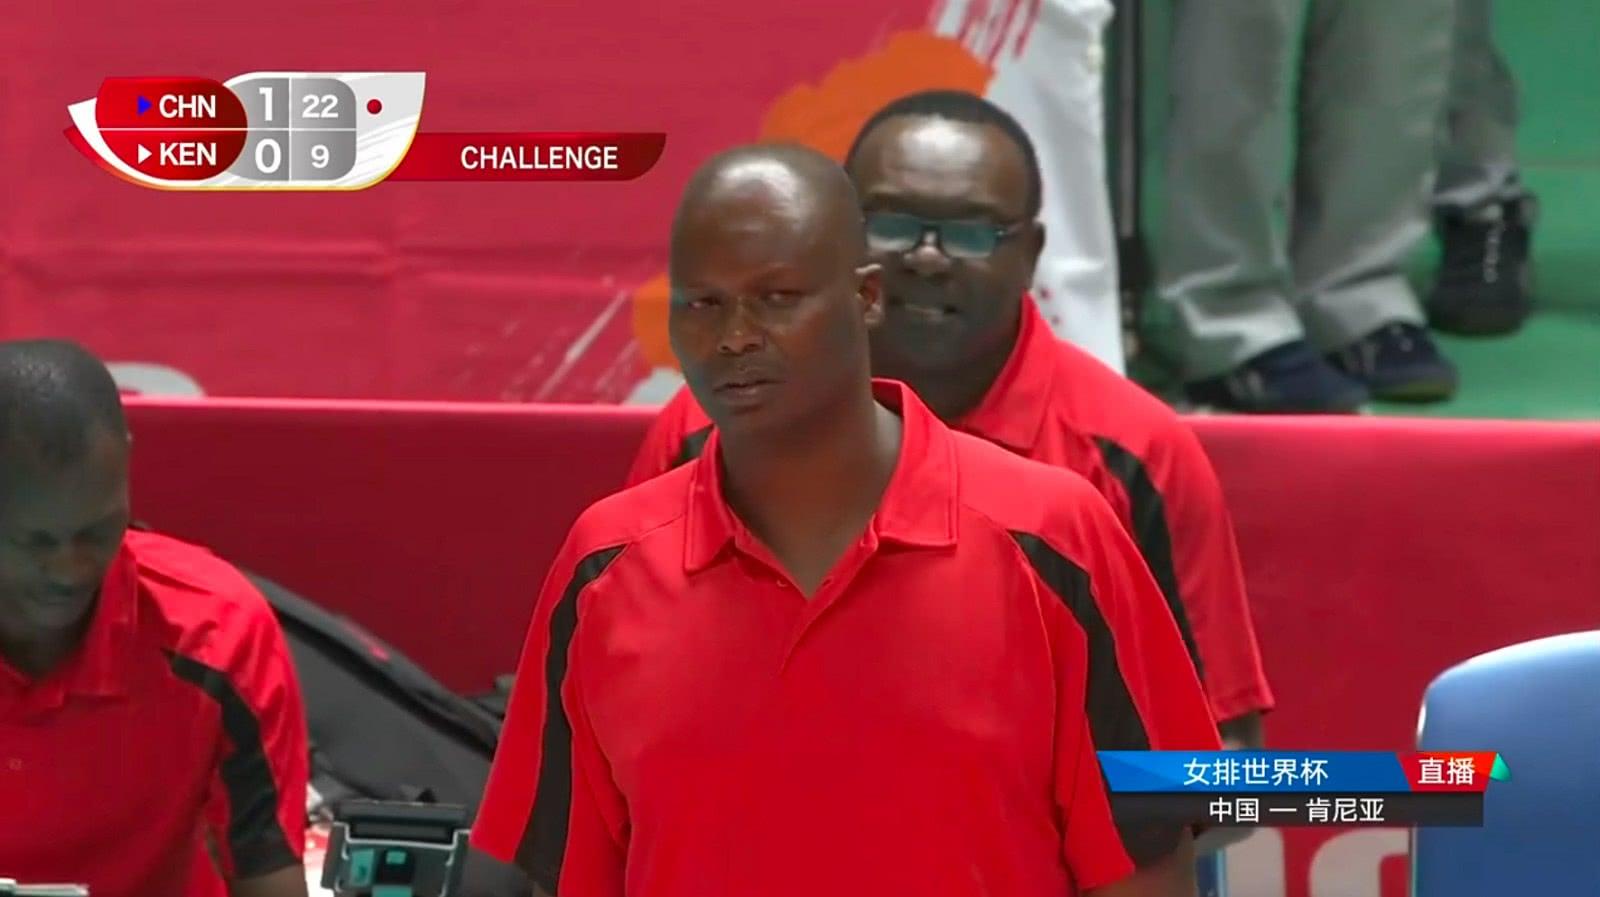 八连胜vs八连败,中国队大比分完胜肯尼亚,教练表情亮了